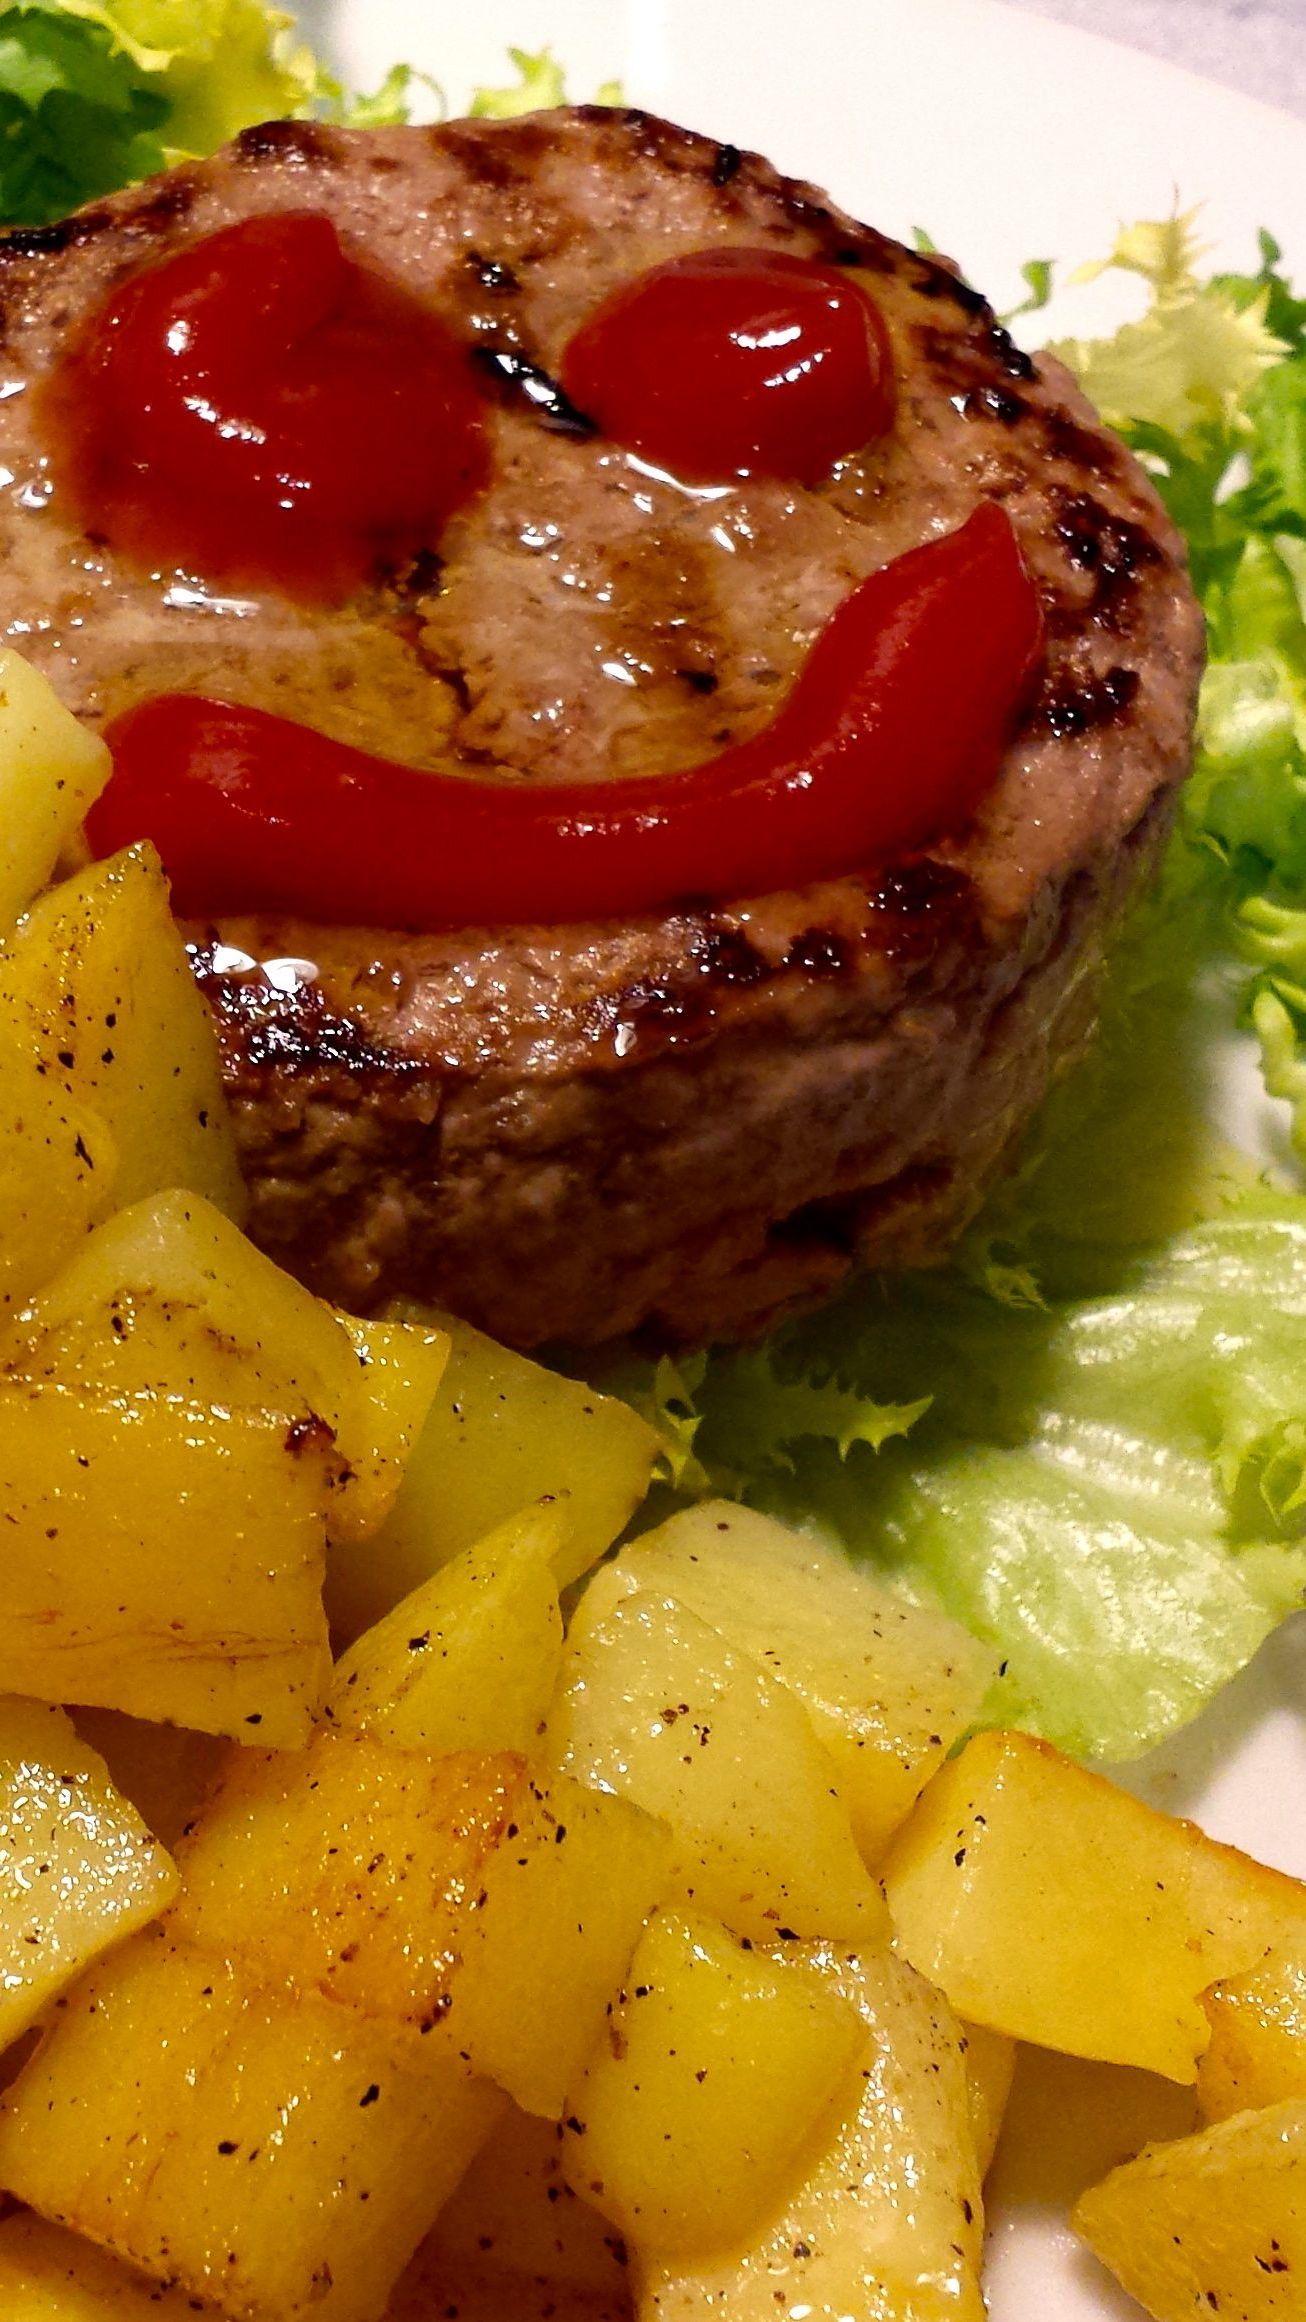 Anyway, l'impatto con il francese è stato terribile, quello con la burocrazia universitaria anche peggio: mille cose da fare, assicurazioni, conti in banca, abbonamenti, telefono...insomma sto impazzendo! La musica fa bene!  Ok ecco l'hamburger sorridente che ieri sera mi ha fatto compagnia... http://stopeatingbadly.blogspot.fr/2013/09/lhamburger-sorridente-che-solleva-il.html